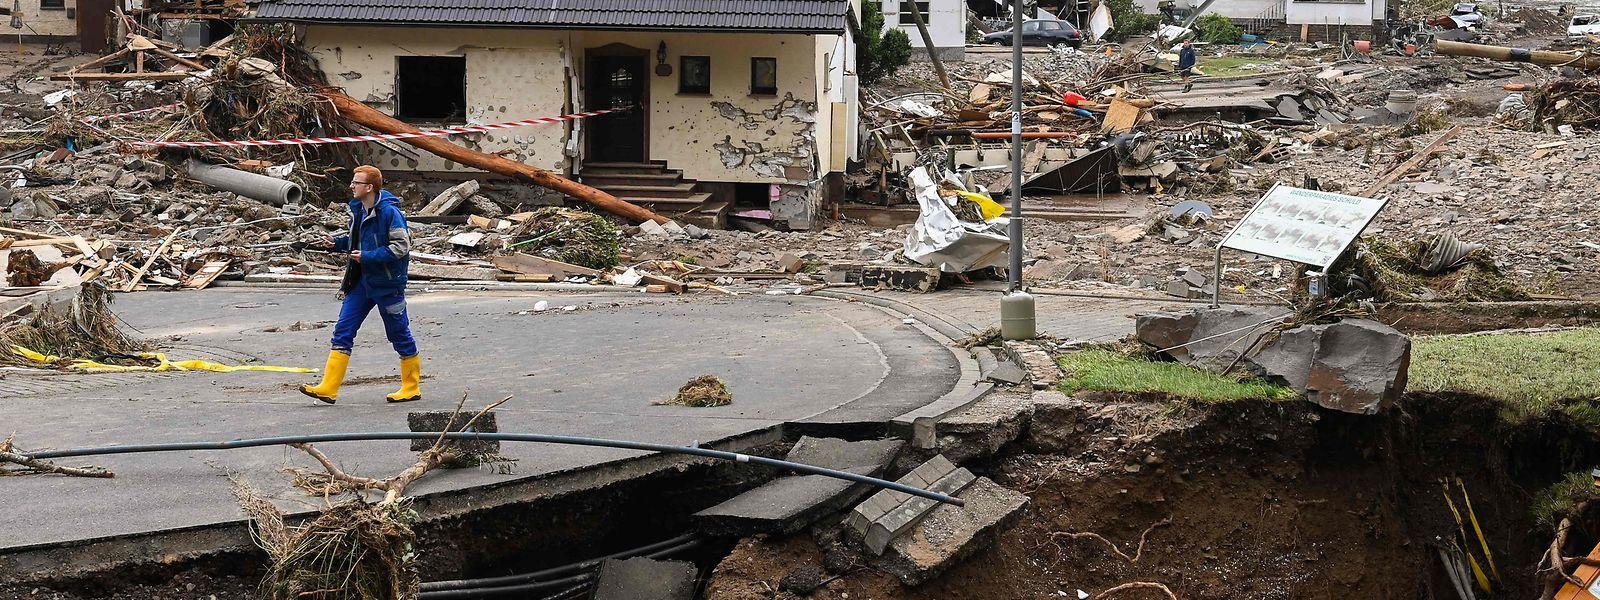 Infolge der Unwetter wurde der kleine Eifelort Schuld arg in Mitleidenschaft gezogen. Der Wasserpegel hatte zeitweise 7,87 Meter erreicht - nach 3,60 Metern beim letzten Hochwasser.